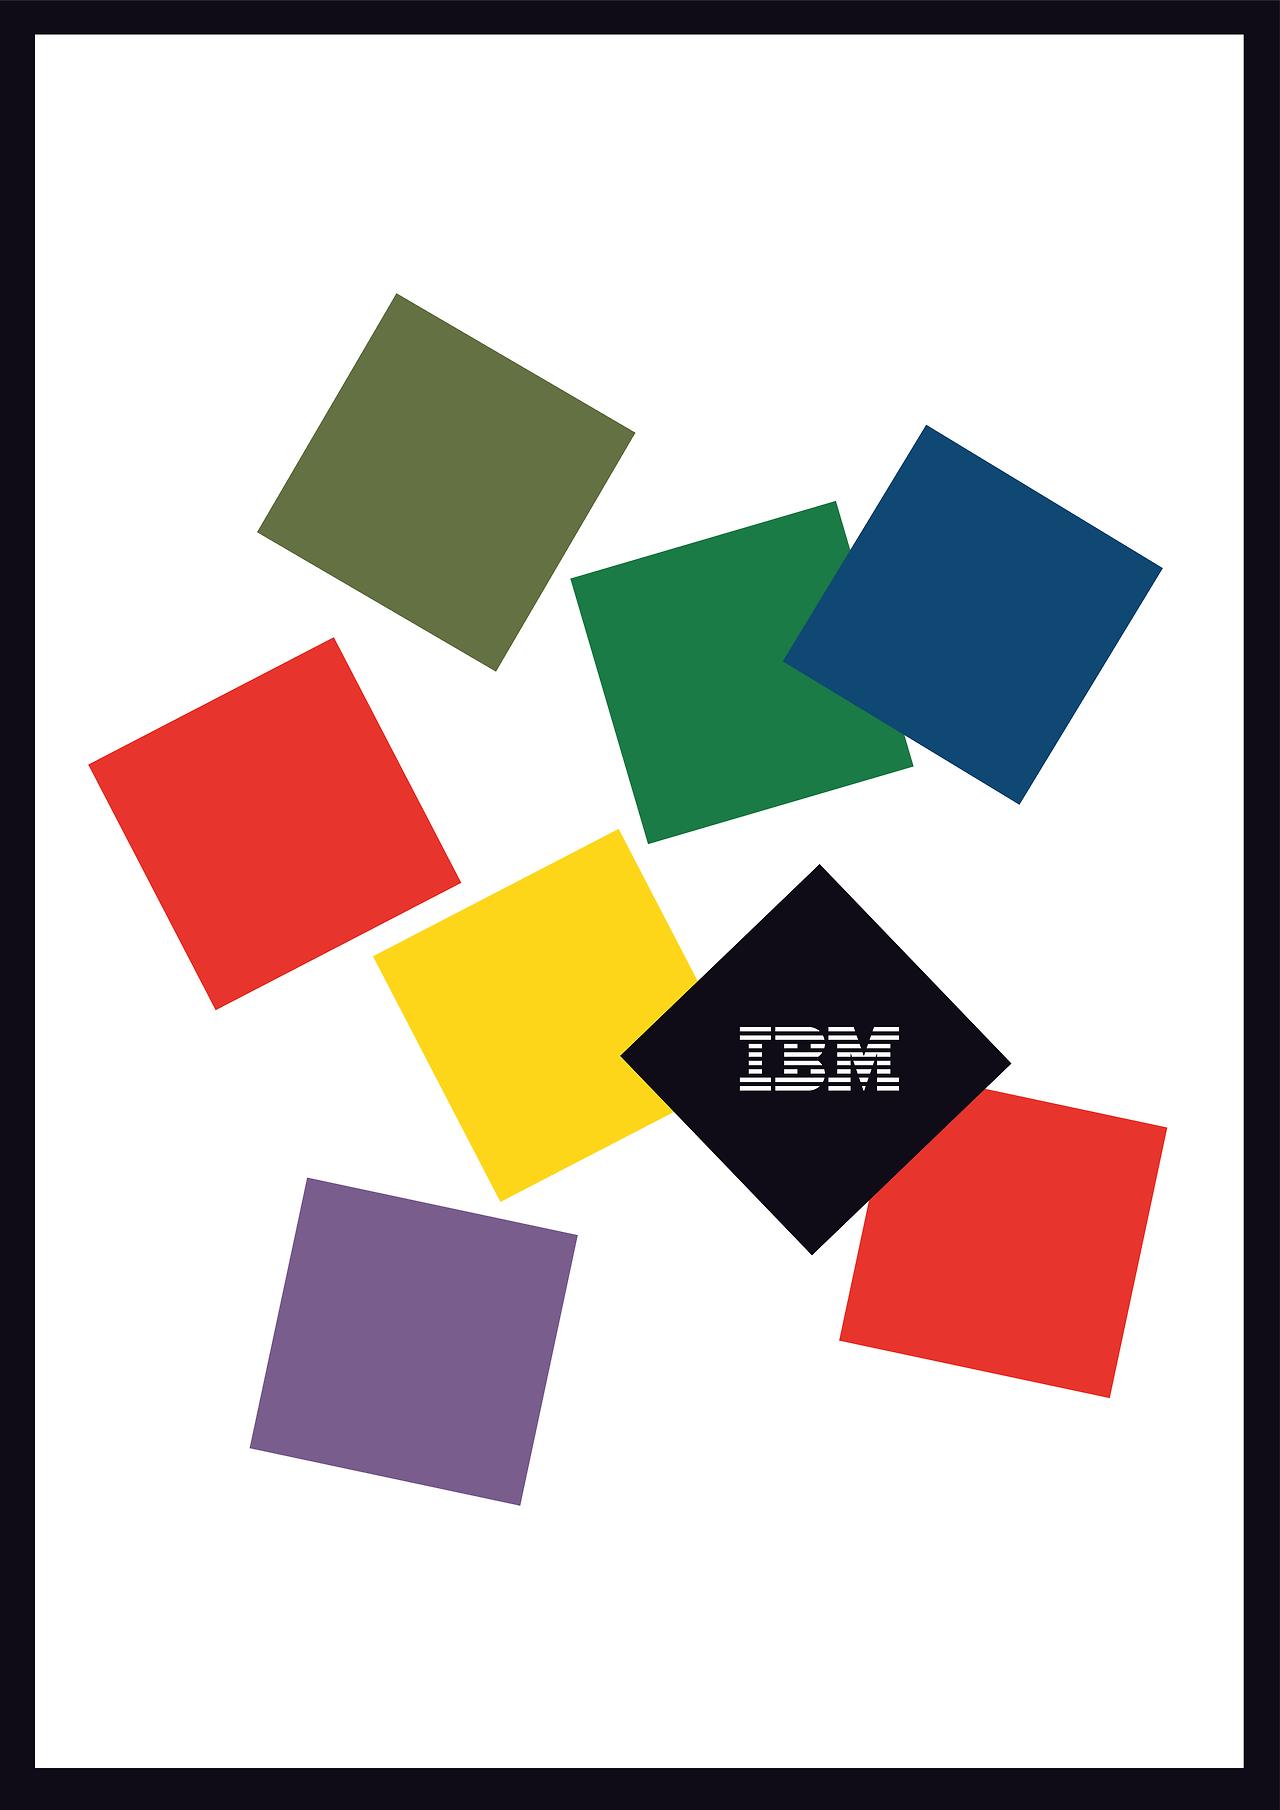 Гениальные постеры от IBM, часть 1